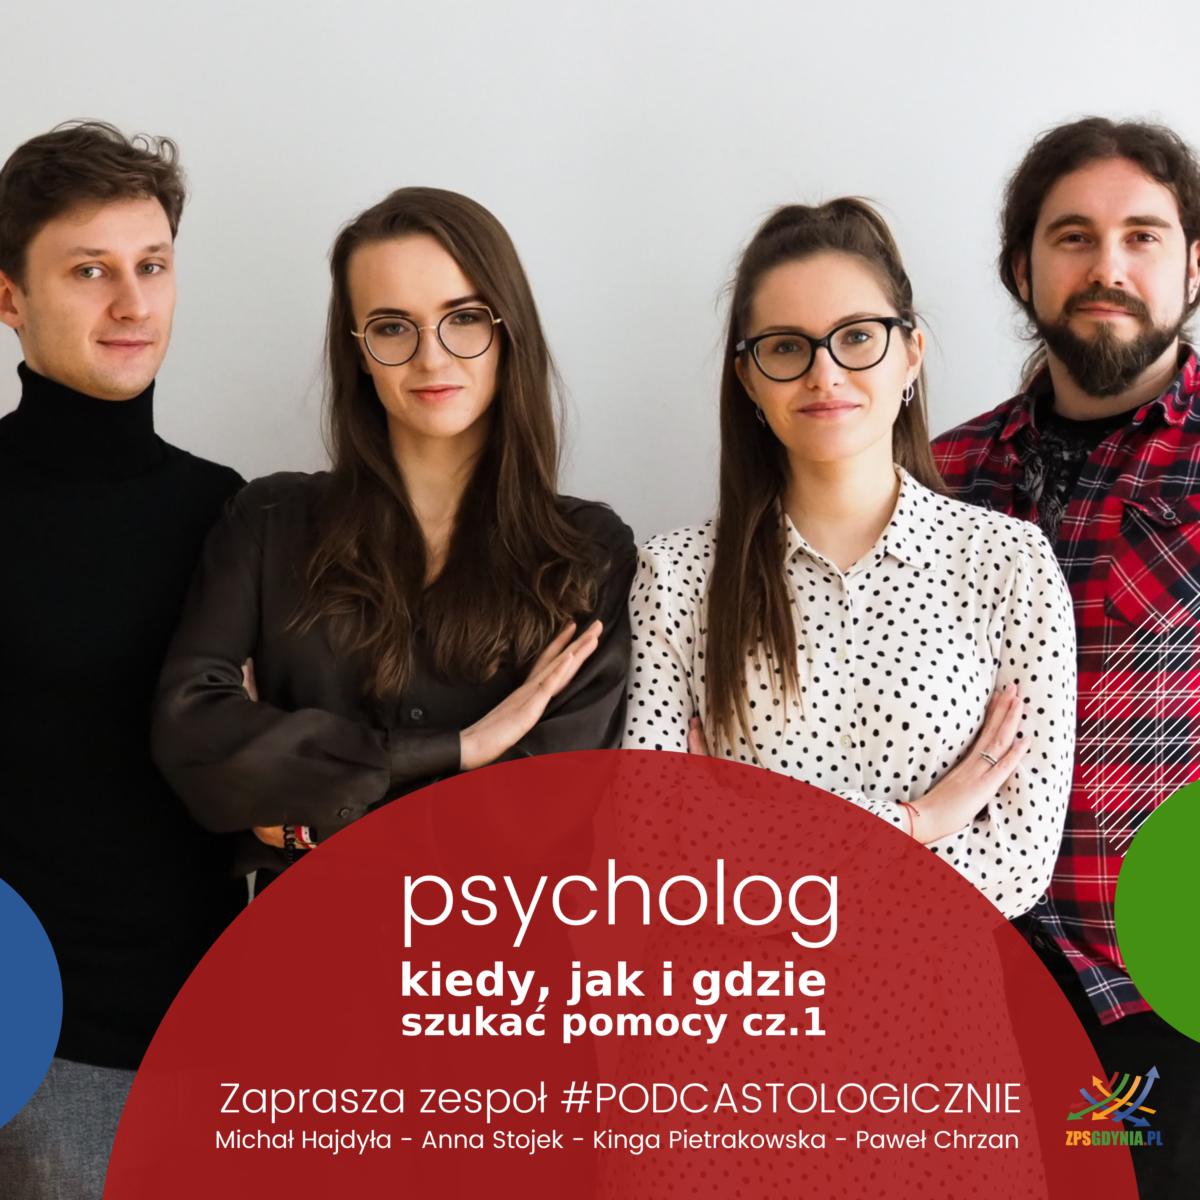 podcast temat: psycholog kiedy jak i gdzie szukać pomocy